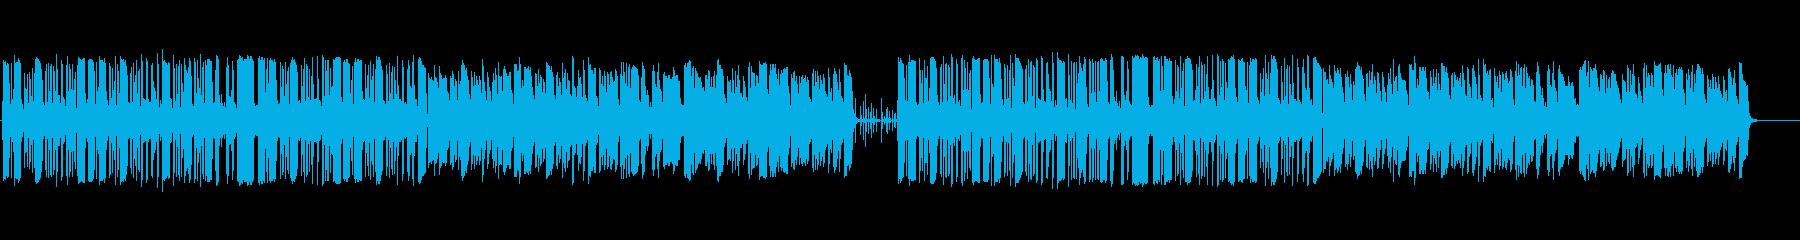 木管楽器メインの気の抜けたゆるいBGMの再生済みの波形